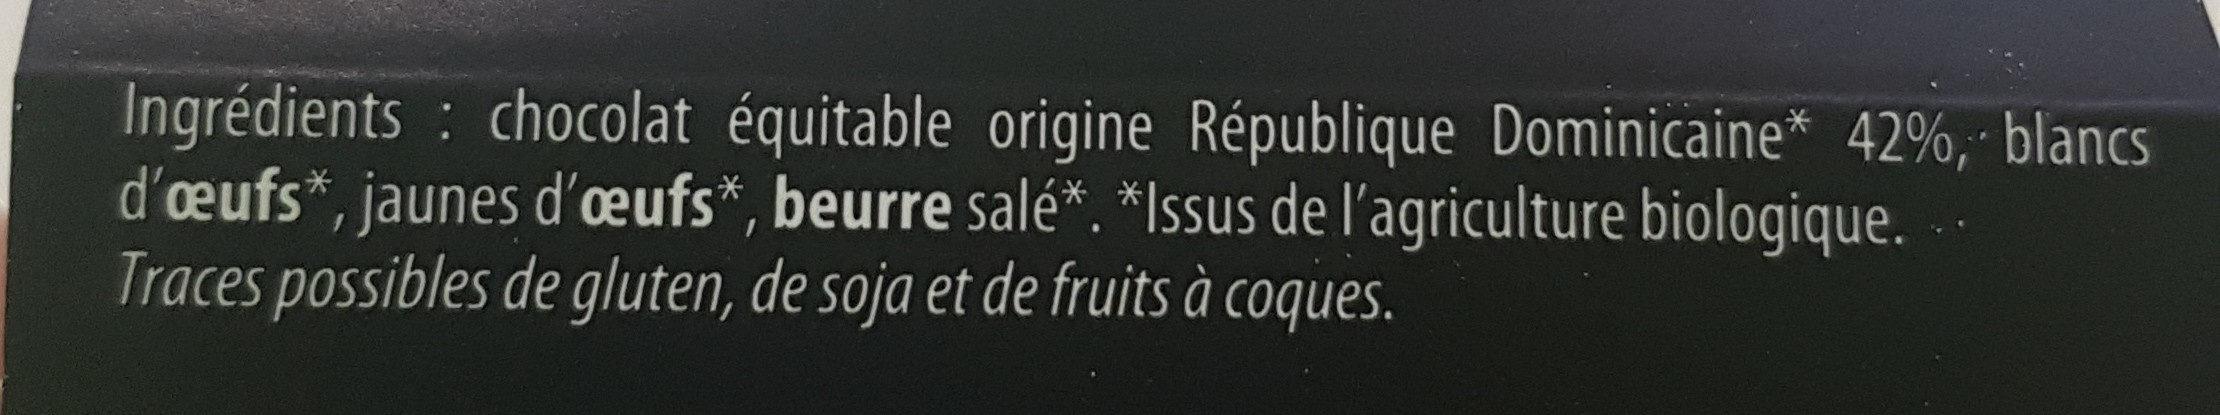 Mousse Au Chocolat Noir Bio - Product - fr